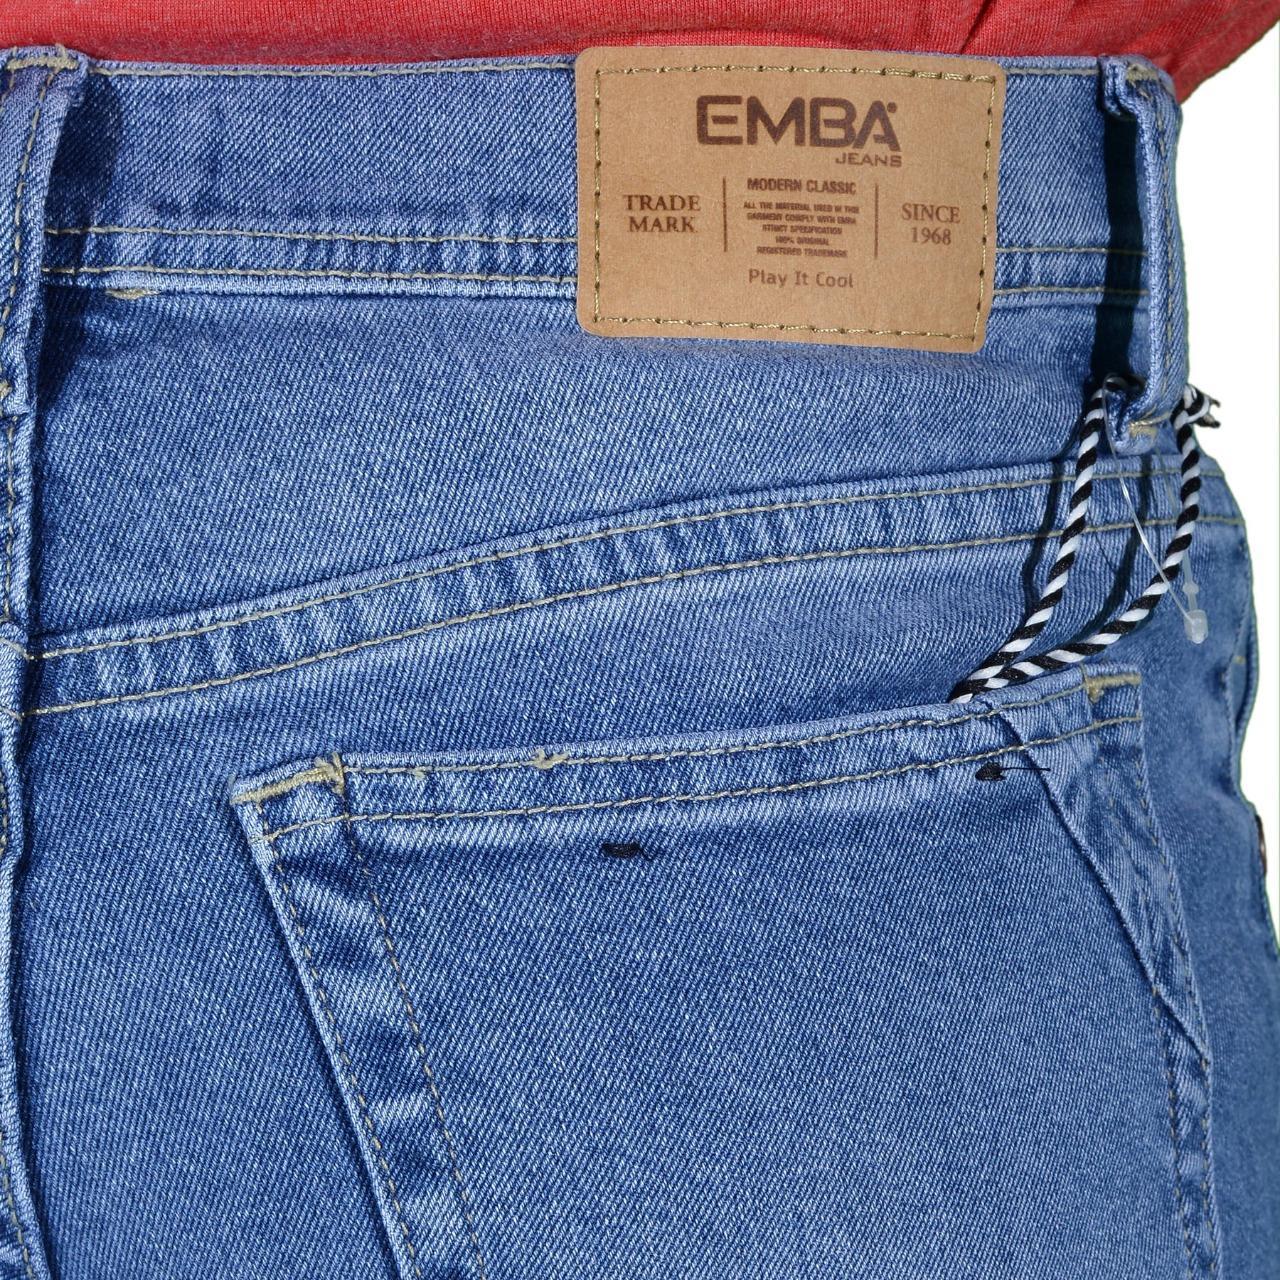 Emba Jeans Celana Panjang Pria Bs 071 Morgan Slim Regular Fit Bs08b1 Denim Warna Jet Black Hitam 38 617 11205